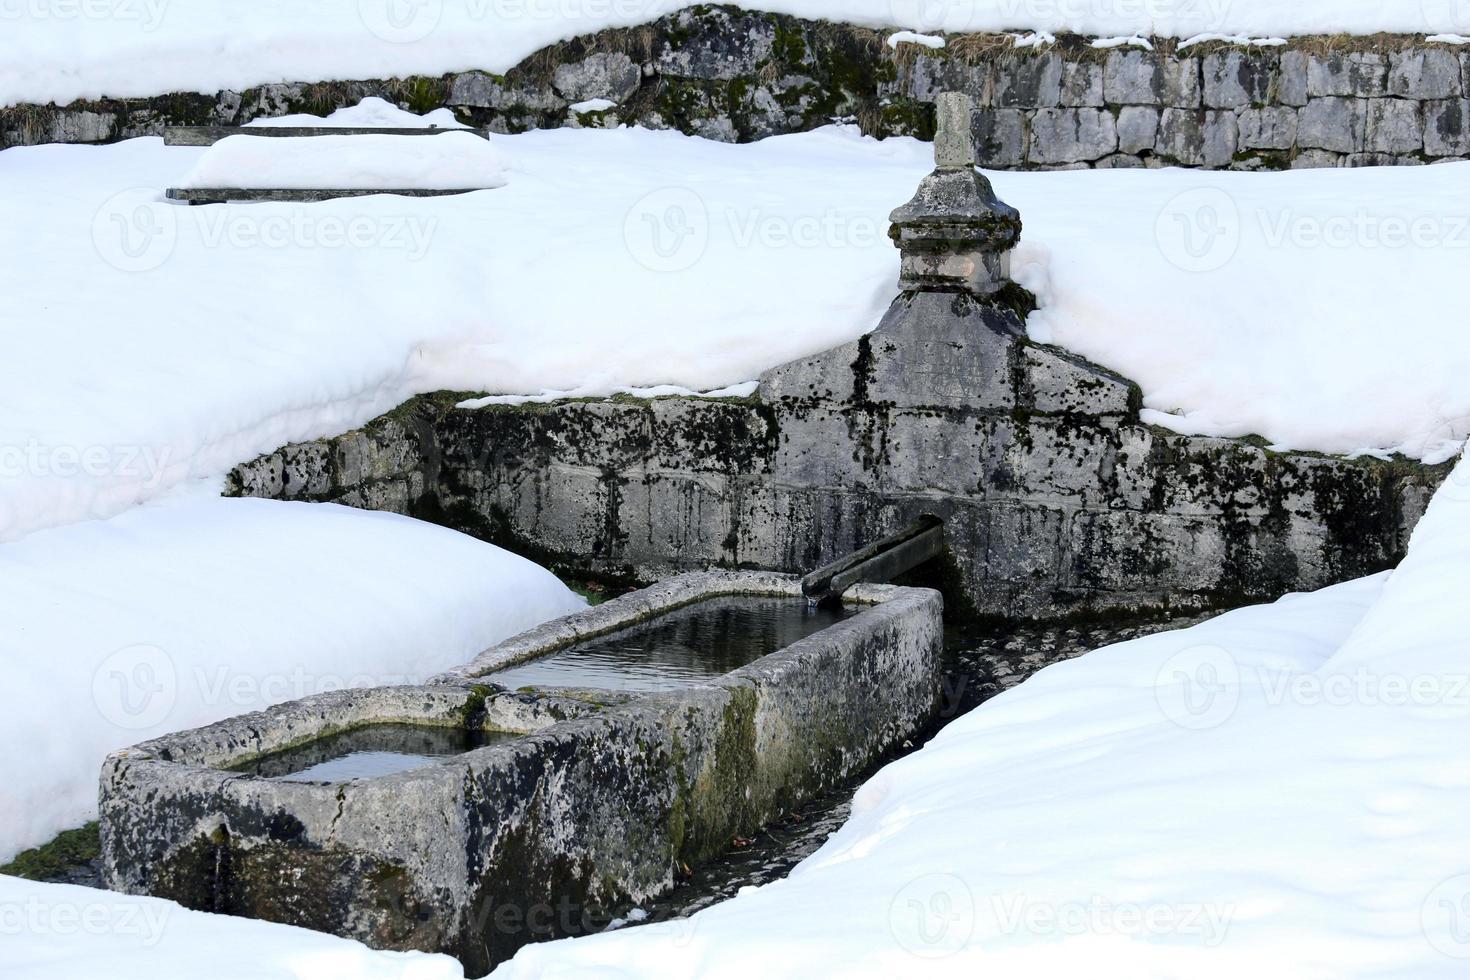 grote stenen fontein met ijskoud water in de bergen foto